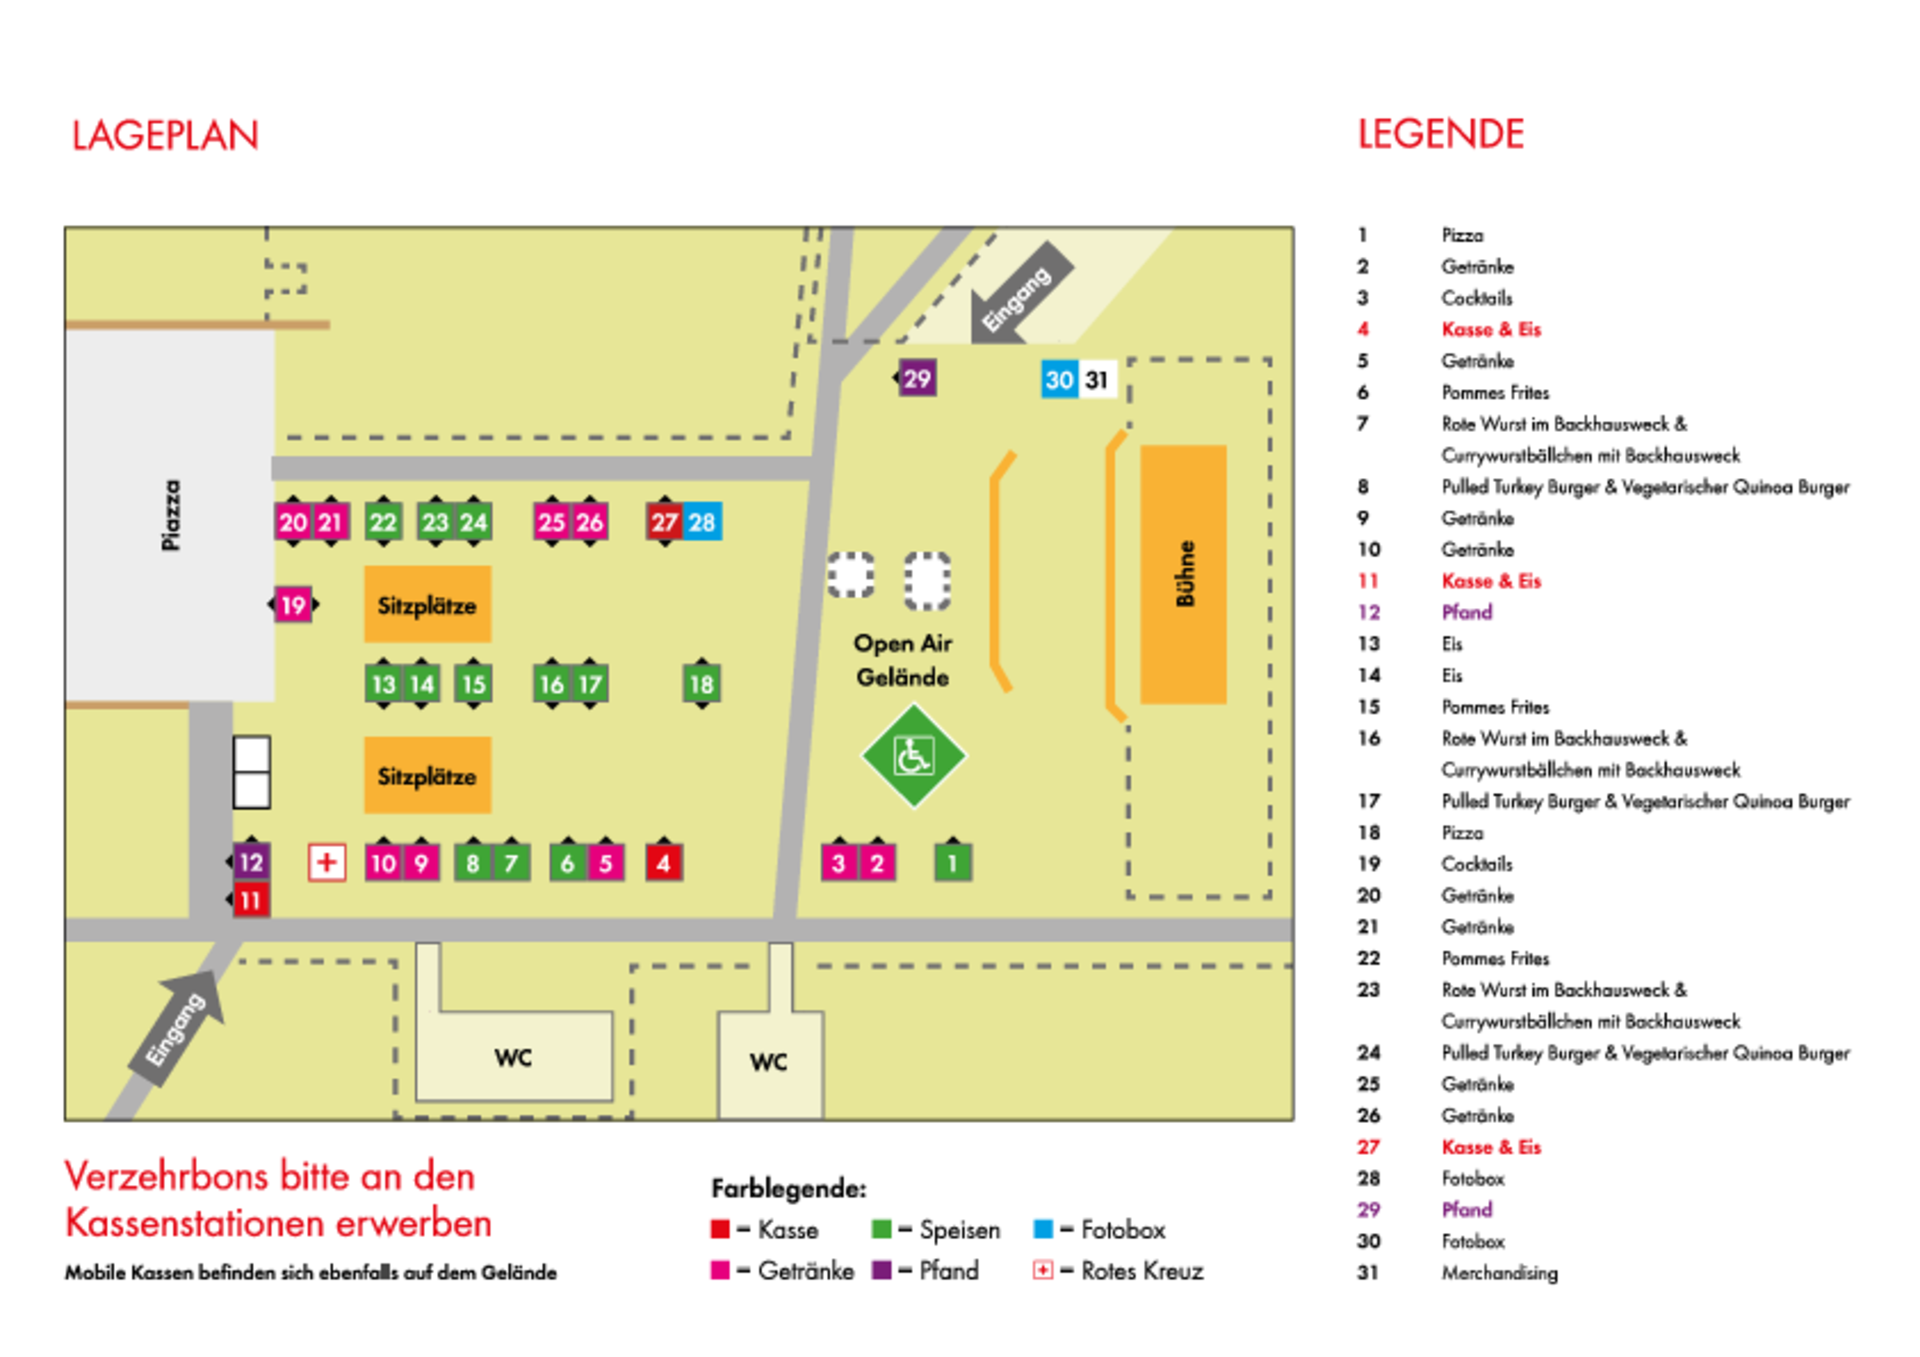 Lageplan Würth Open Air 2019